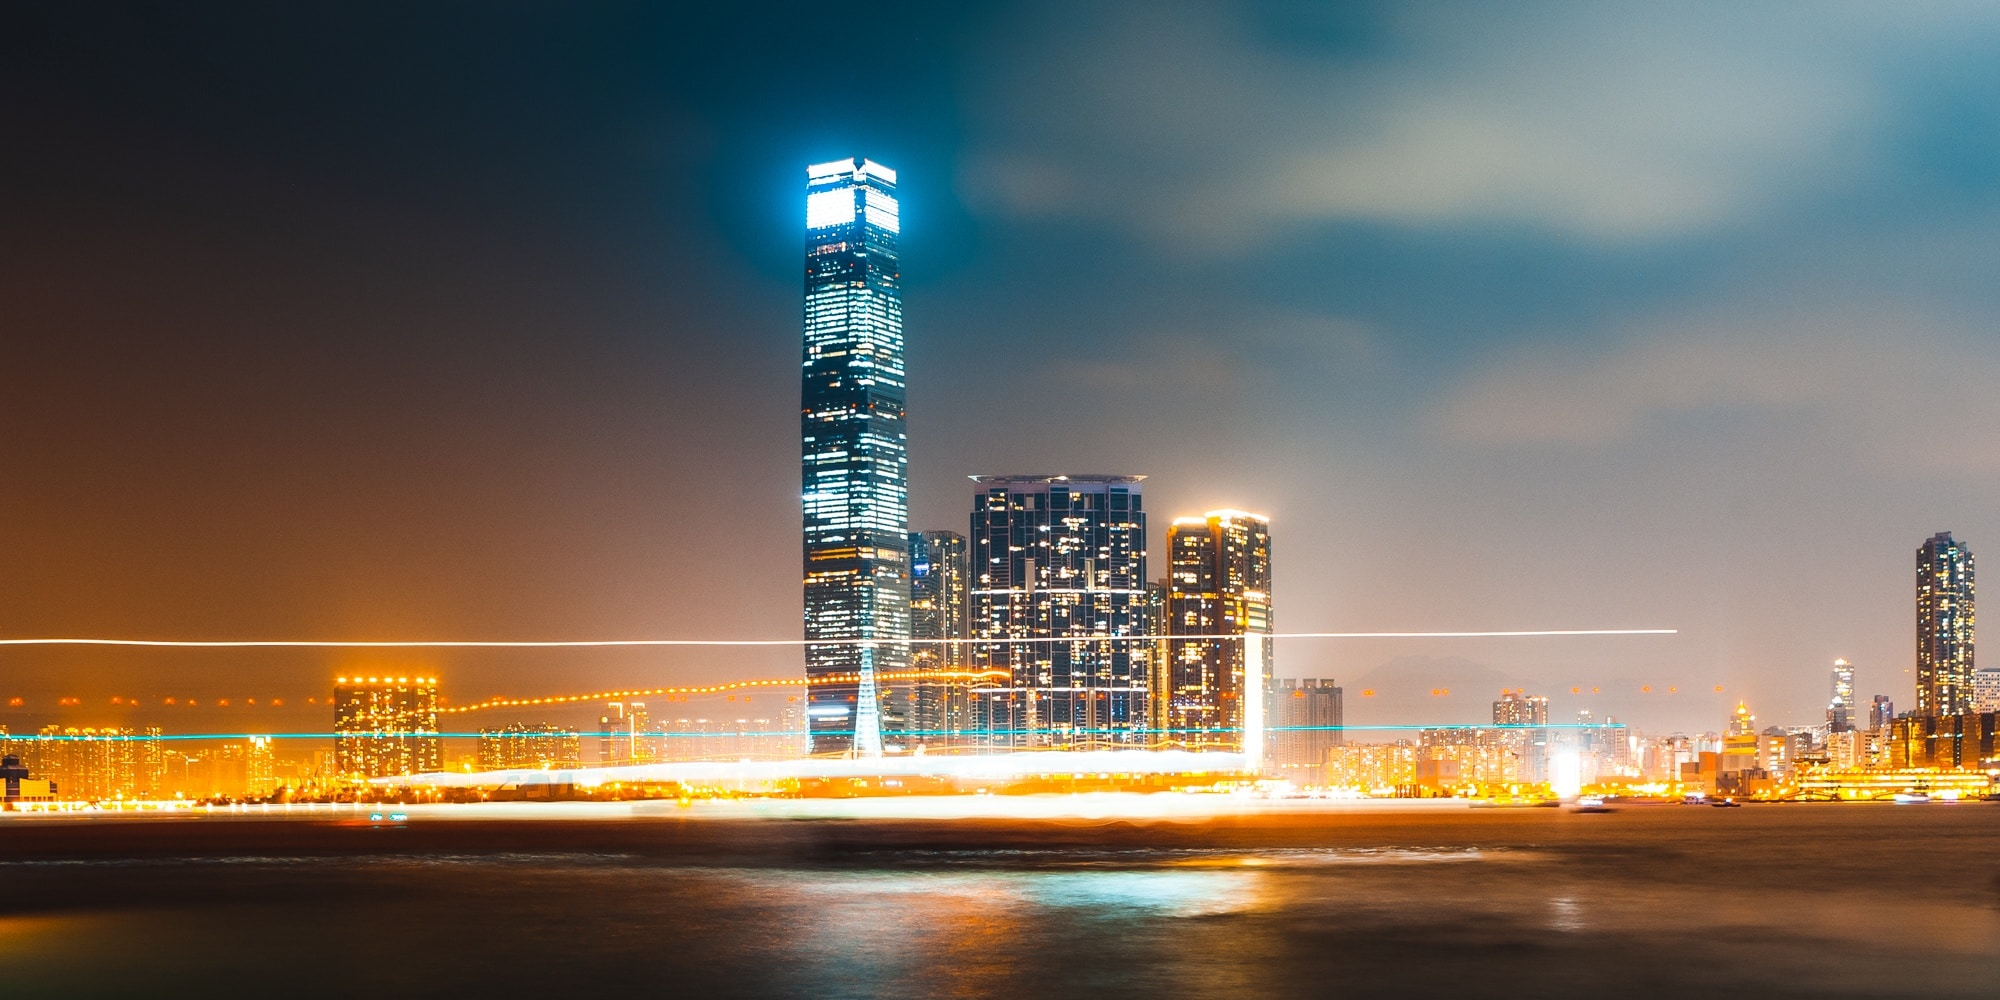 Hong Kong by Apo Genc